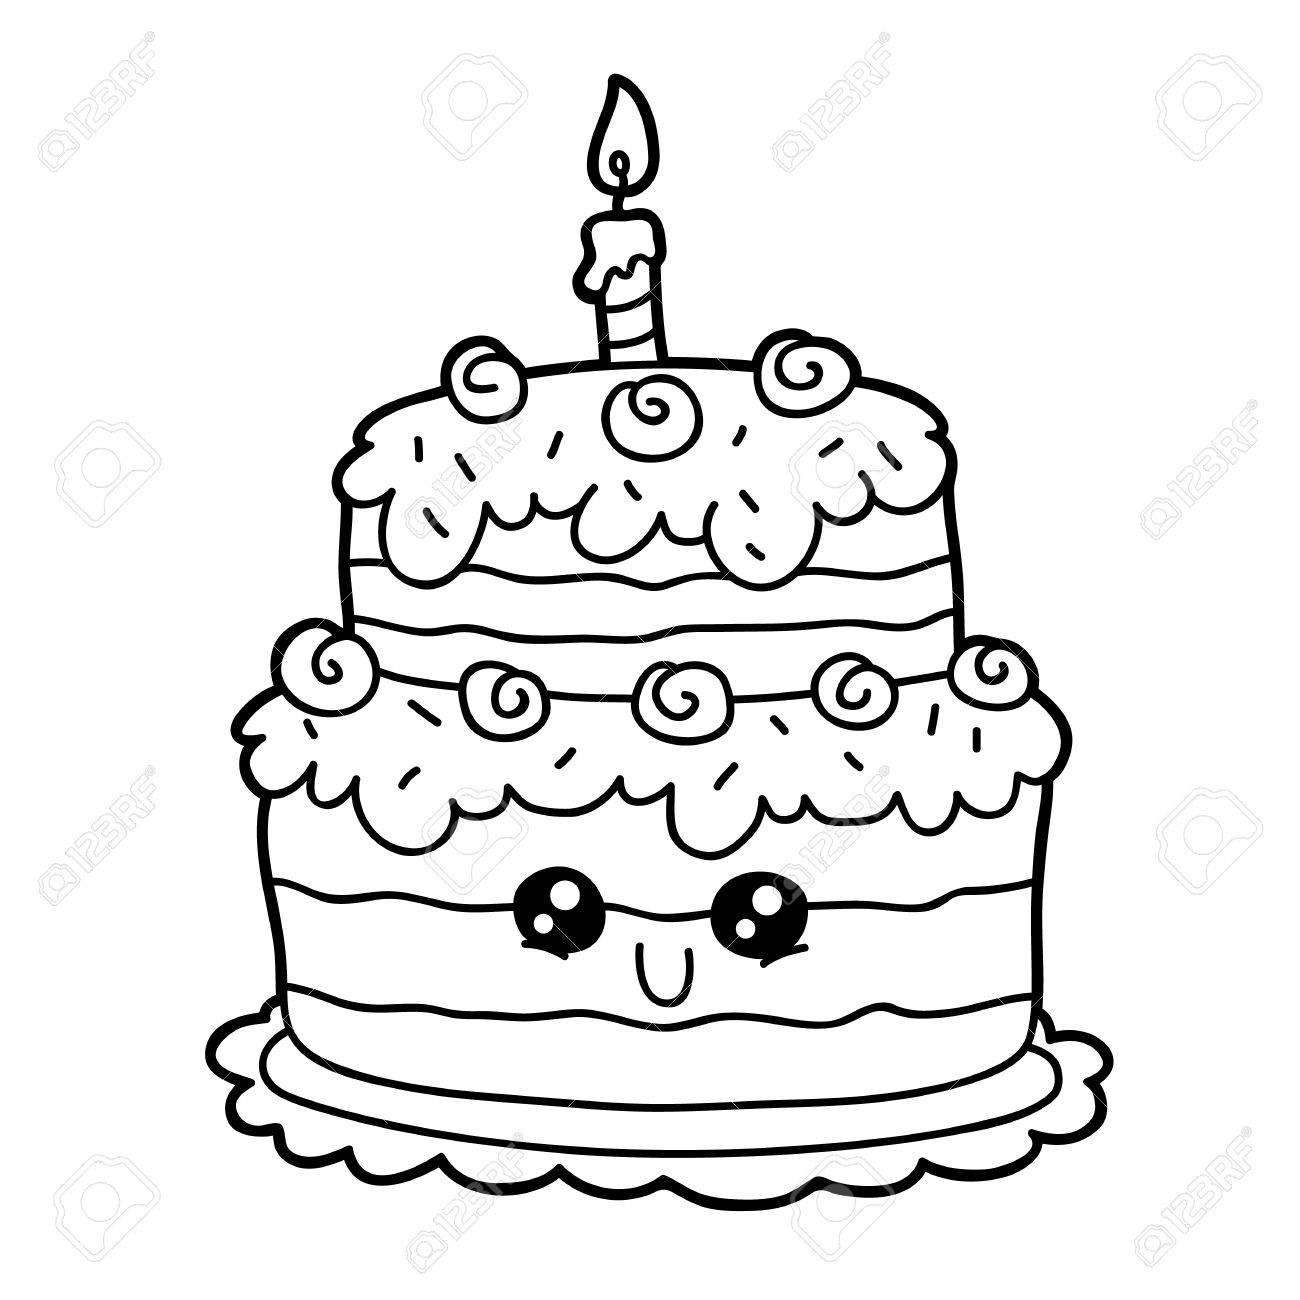 着色の子供のための誕生日ケーキのかわいい漫画のキャラクターのベクトル